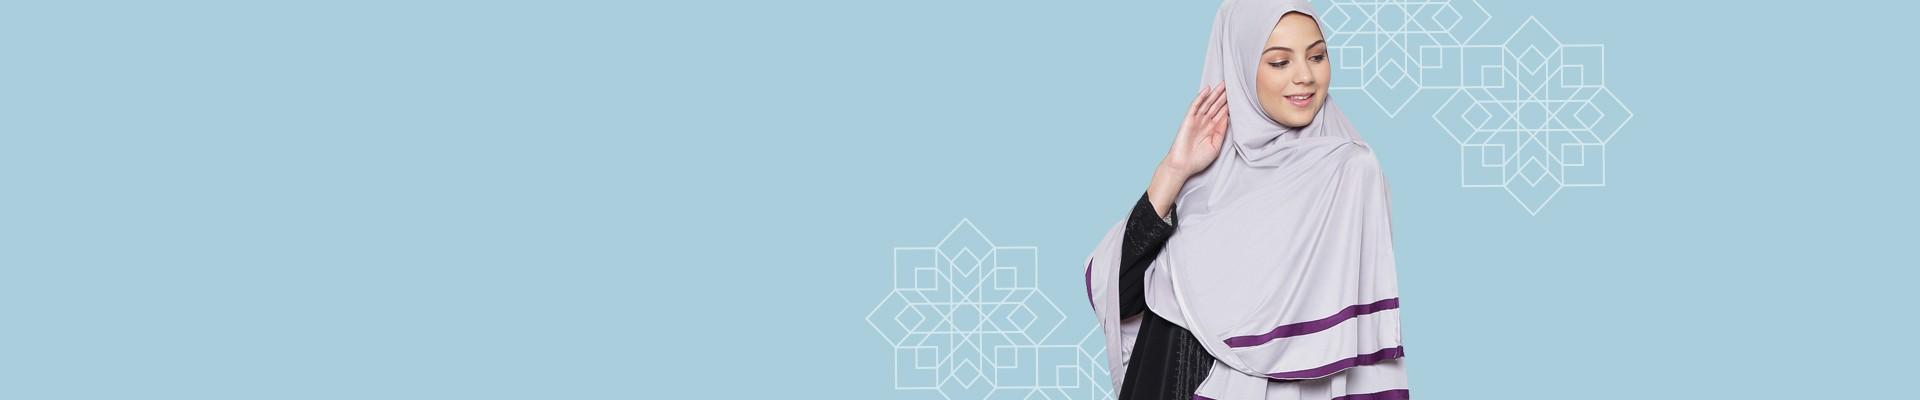 Jual Jilbab Khimar Model Terbaru - Harga Murah